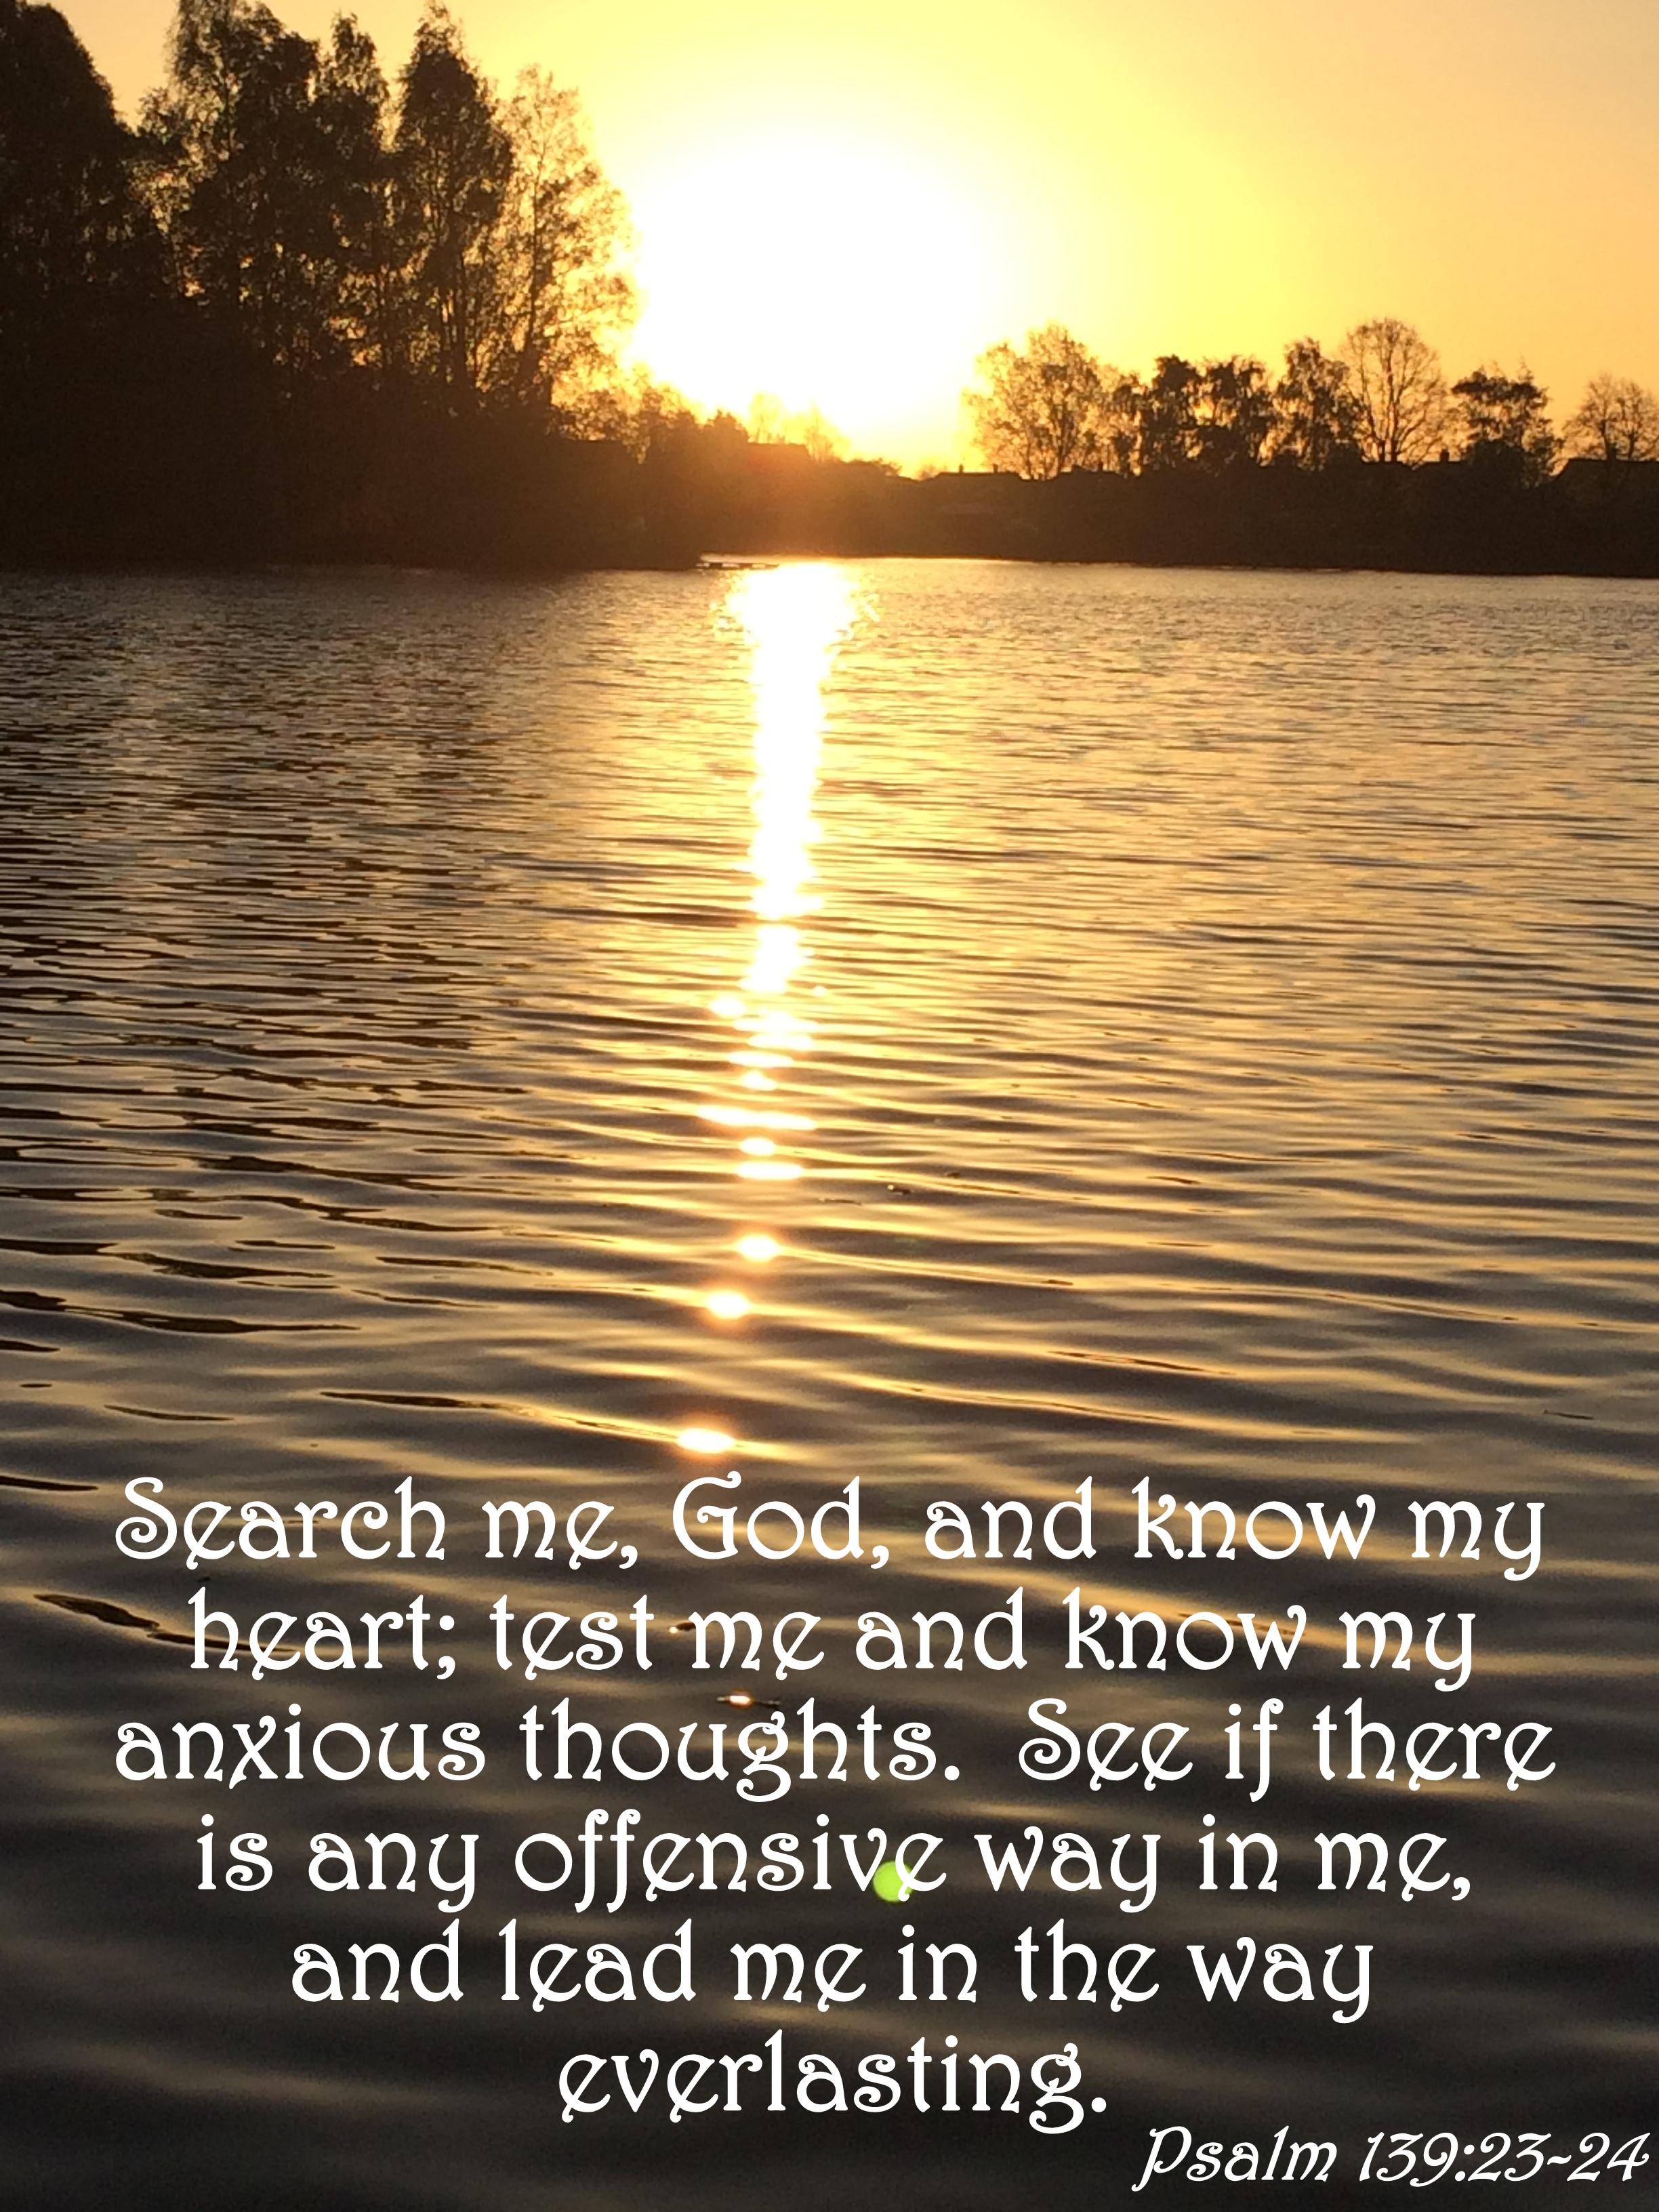 psalm 1 23 32 Psalm 32 vers 1 welzalig hij, wiens zonden zijn vergeven die van de straf voor eeuwig is ontheven wiens wanbedrijf, waardoor hij was bevlekt, voor 't heilig oog des heeren is bedekt welzalig is de mens, wien 't mag gebeuren, dat god naar recht hem niet wil schuldig keuren, en die in't vroom en ongeveinsd gemoed, geen snood bedrog, maar blank' oprechtheid voedt.